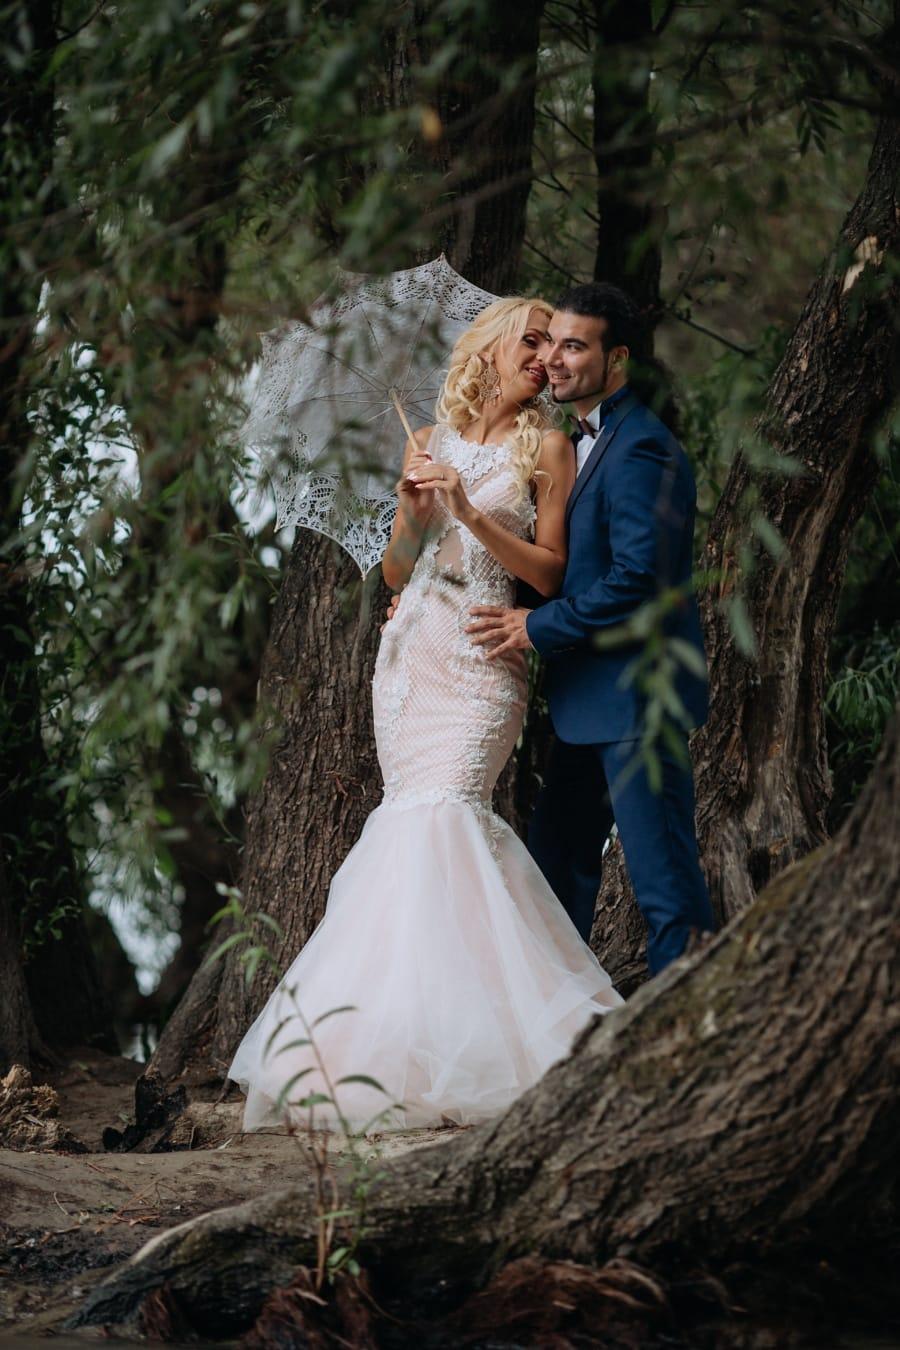 Braut, Bräutigam, frisch verheiratet, Mode, Glanz, Wald, Hochzeit, Ehe, Engagement, Liebe